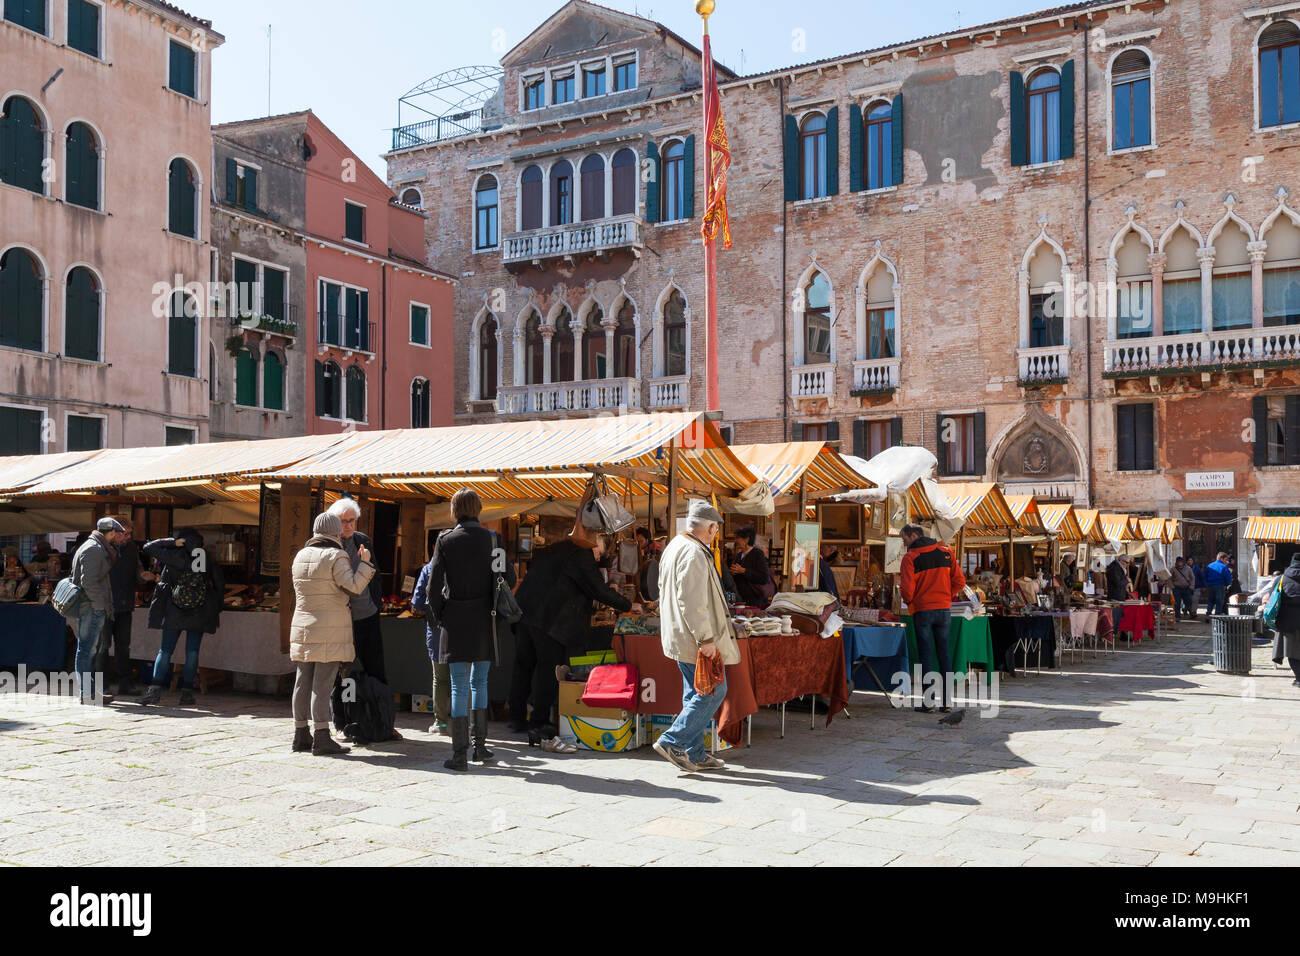 Kunden auf der Suche nach Antiquitäten auf dem Antiquitätenmarkt in Campo San Maurizio San Marco, Venedig, Italien, eine beliebte Veranstaltung statt fünf Mal im Jahr Stockbild